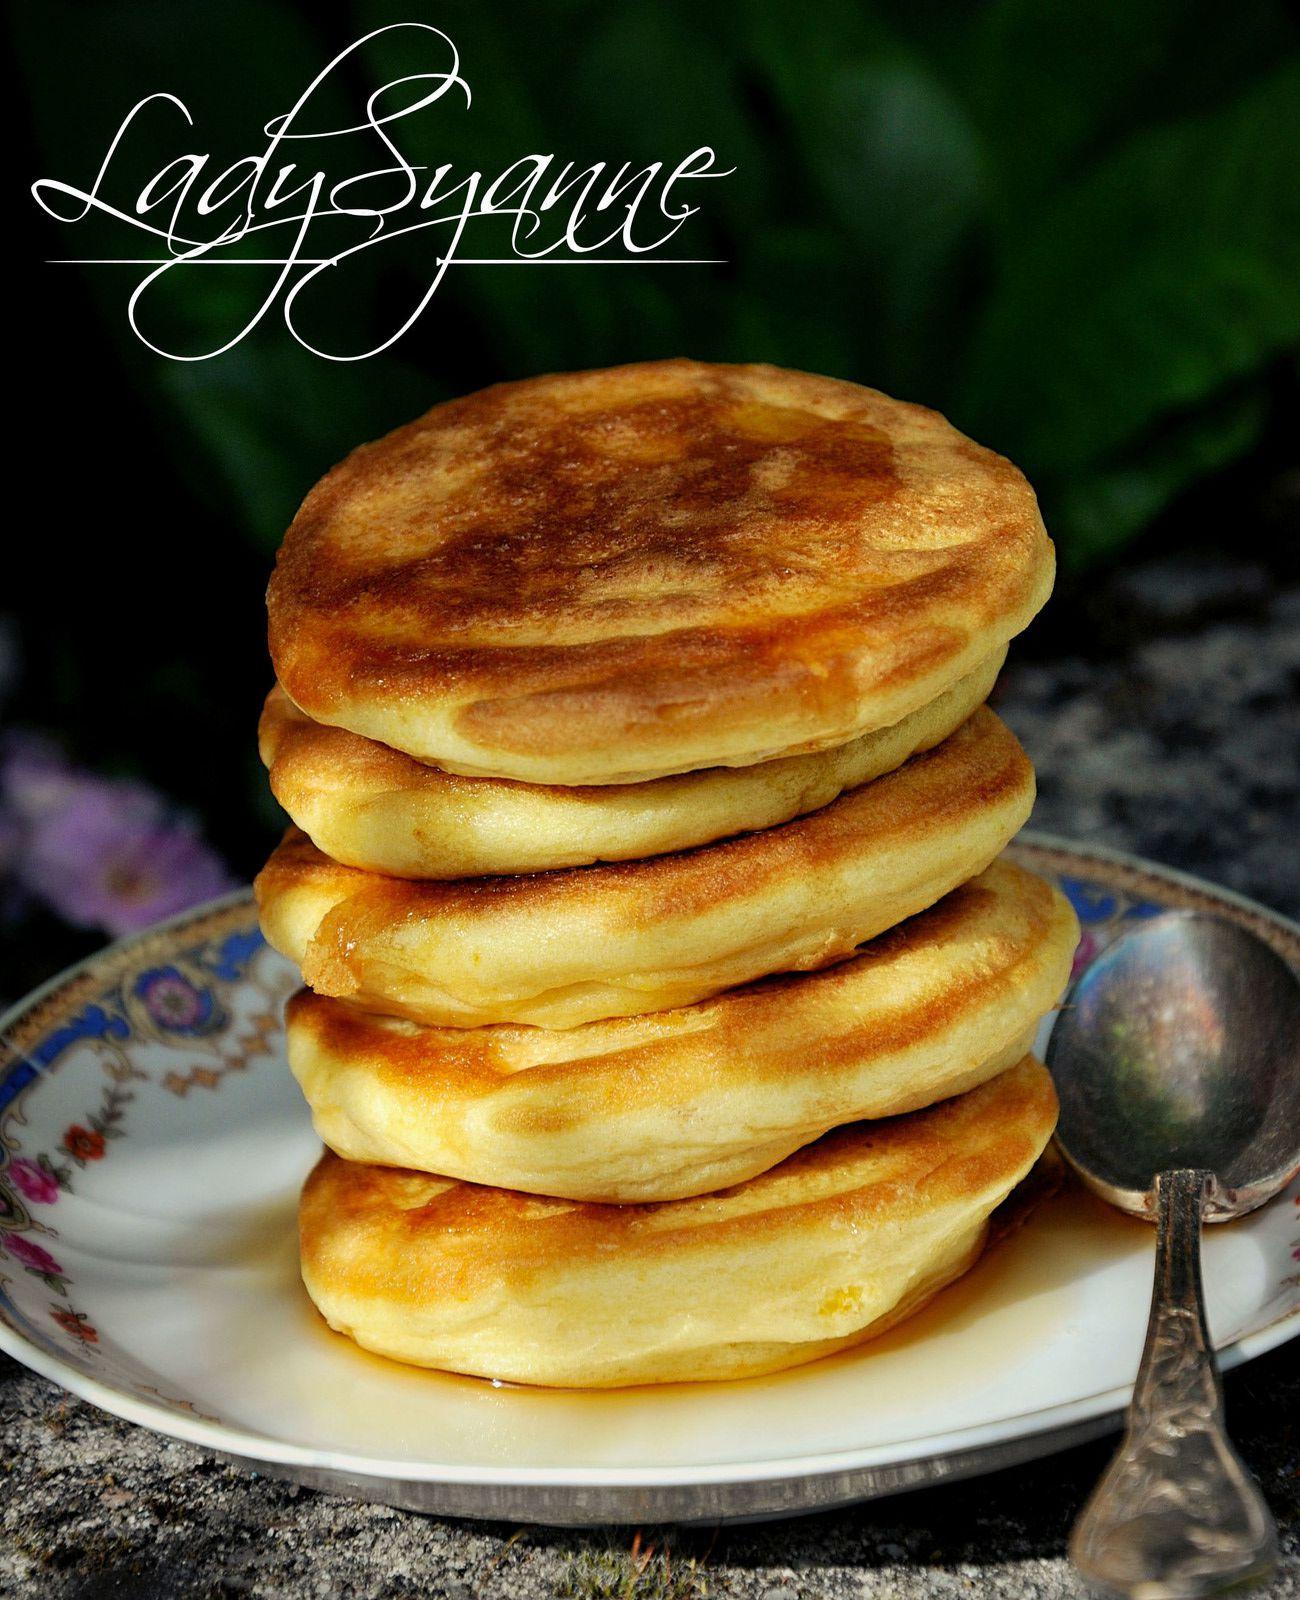 Les Pancakes de LadySyanne